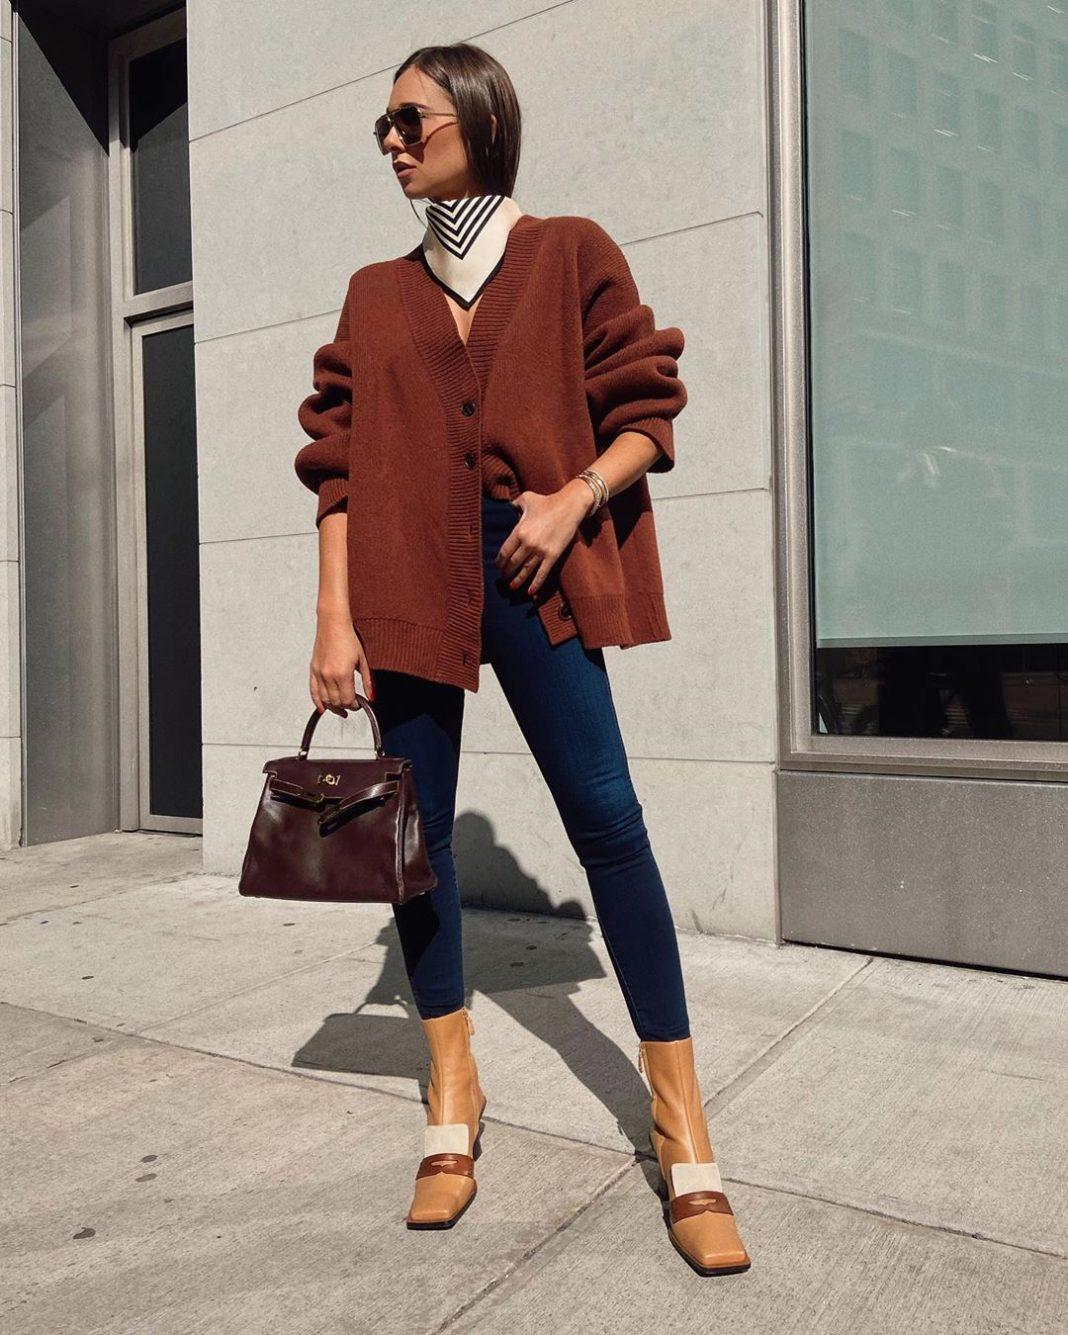 modne-kombinacije-za-proljeće-2020.jpg